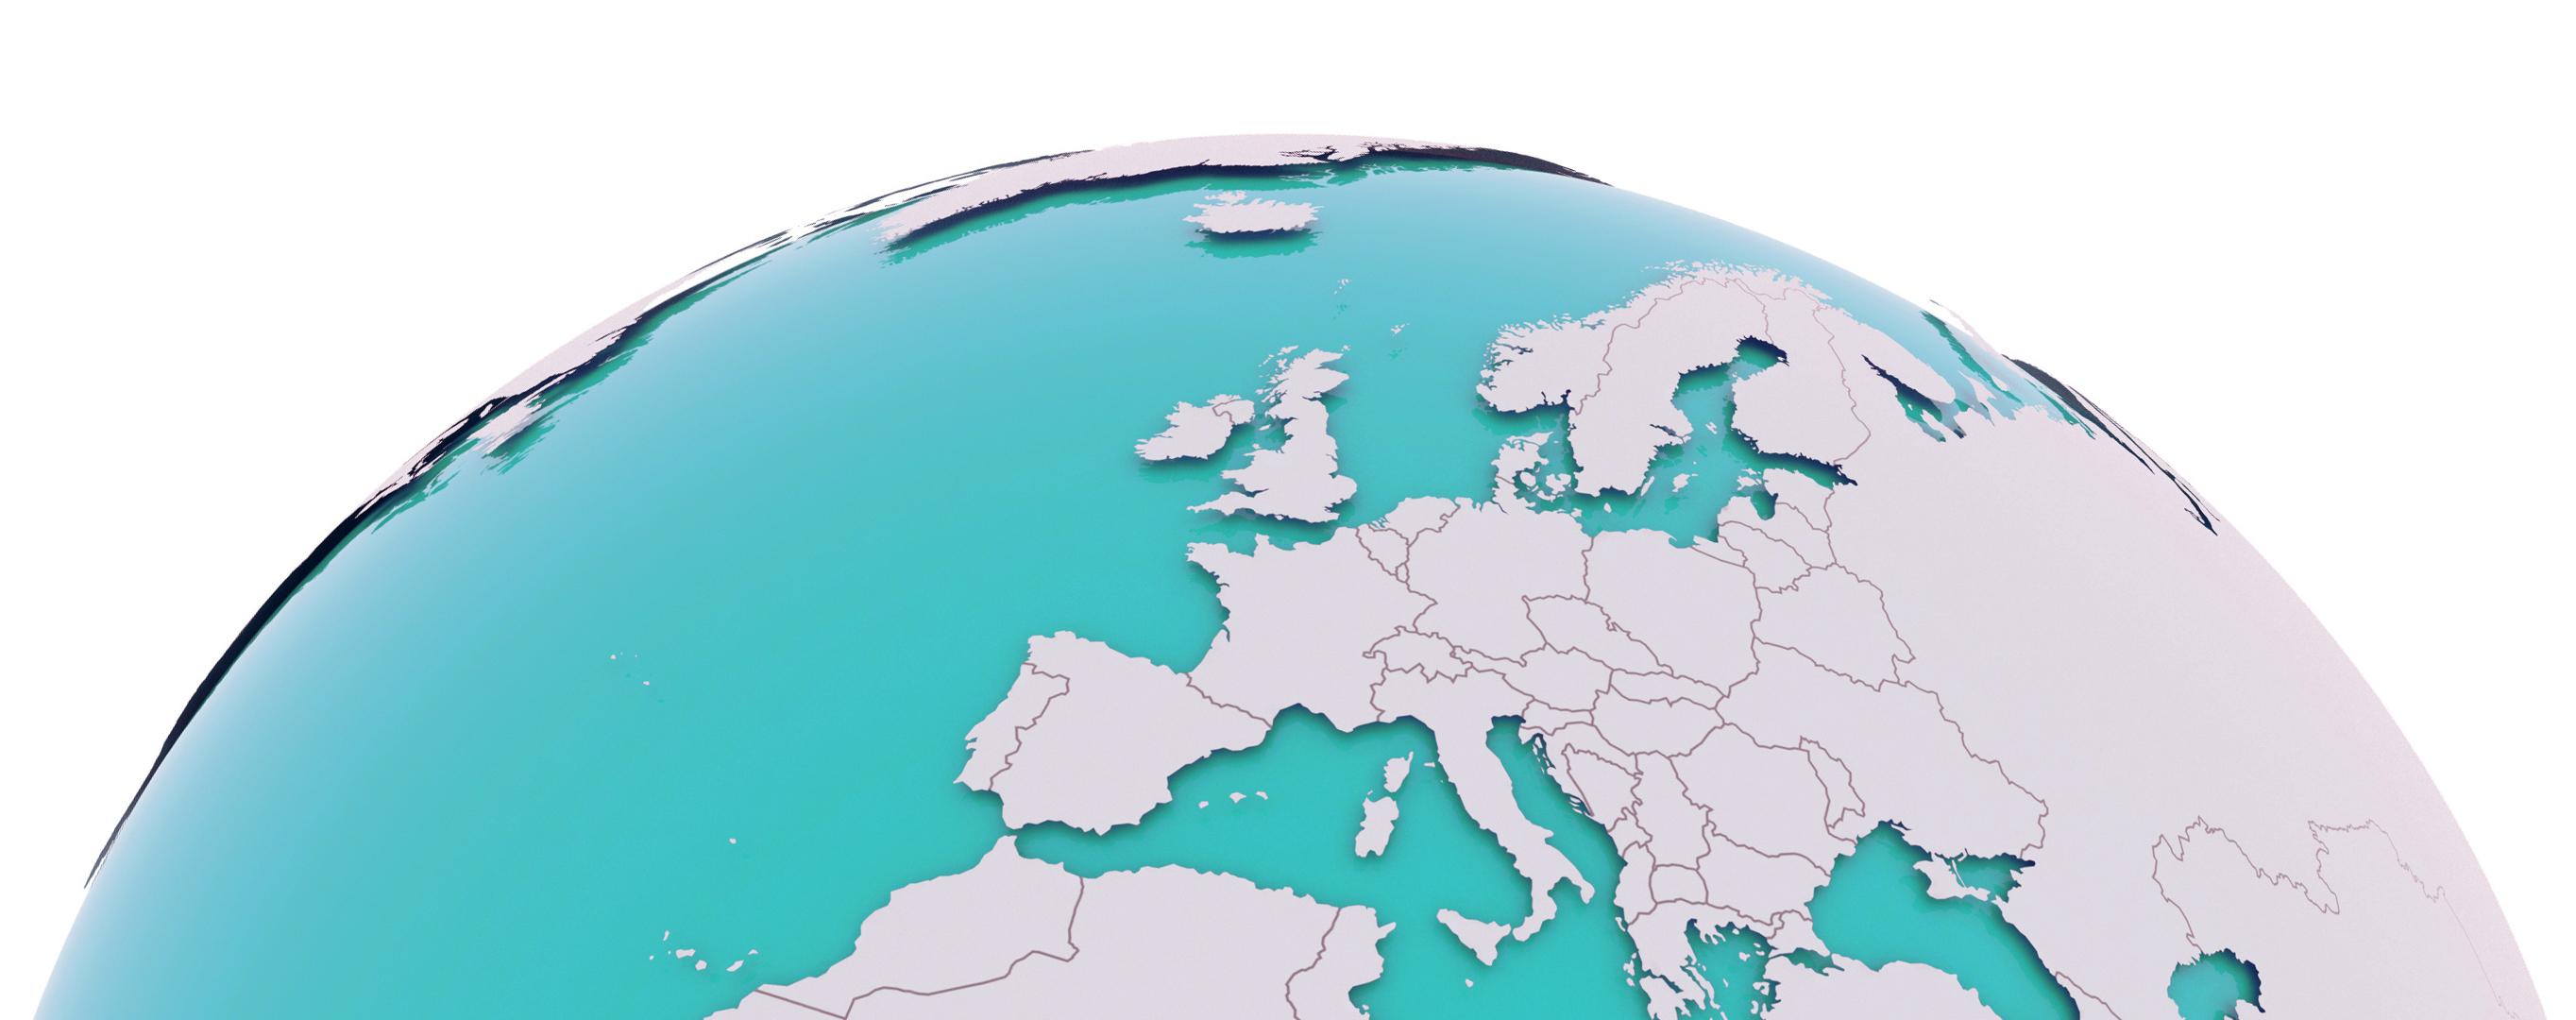 Weltkugel mit den Ländern, die beliefert werden können